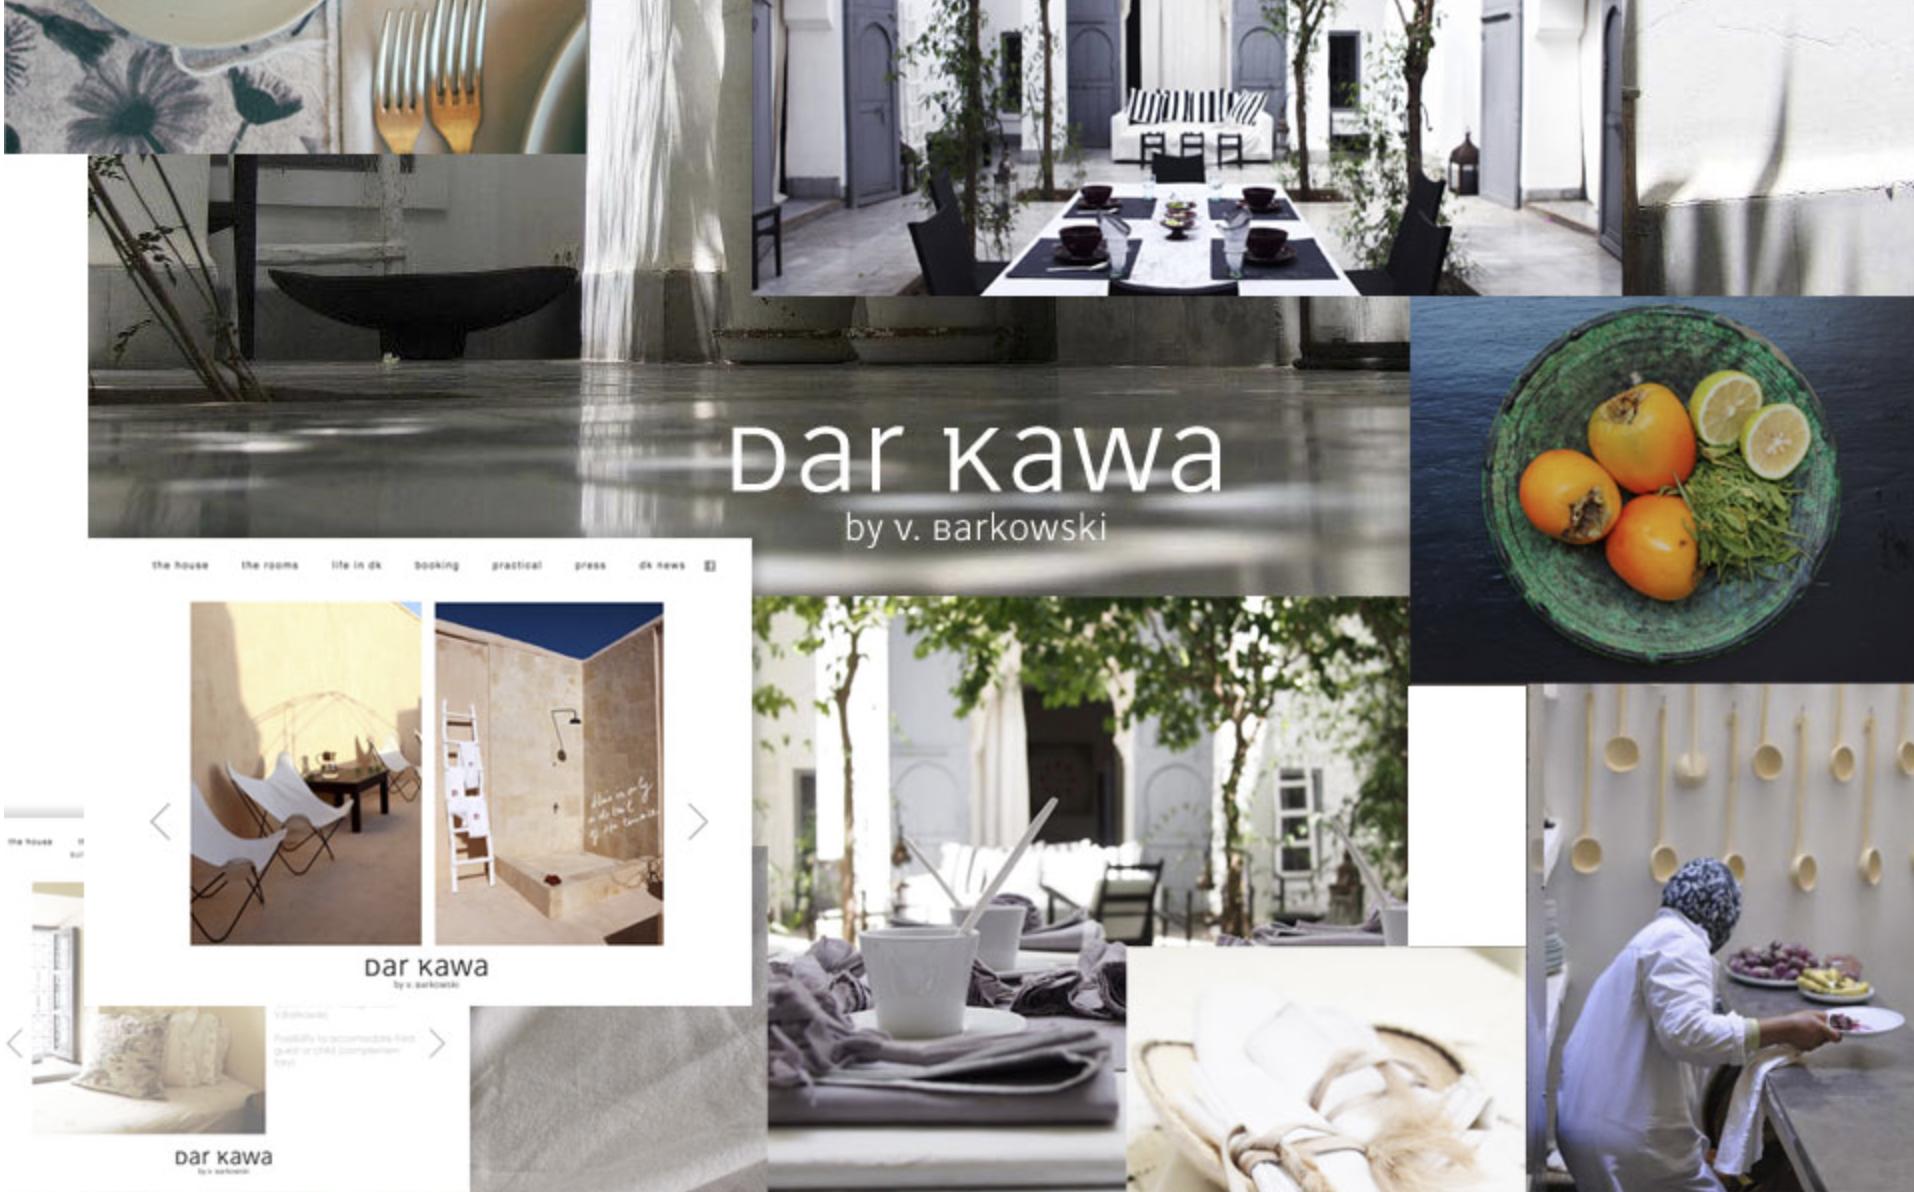 style darkawa riad marrakech